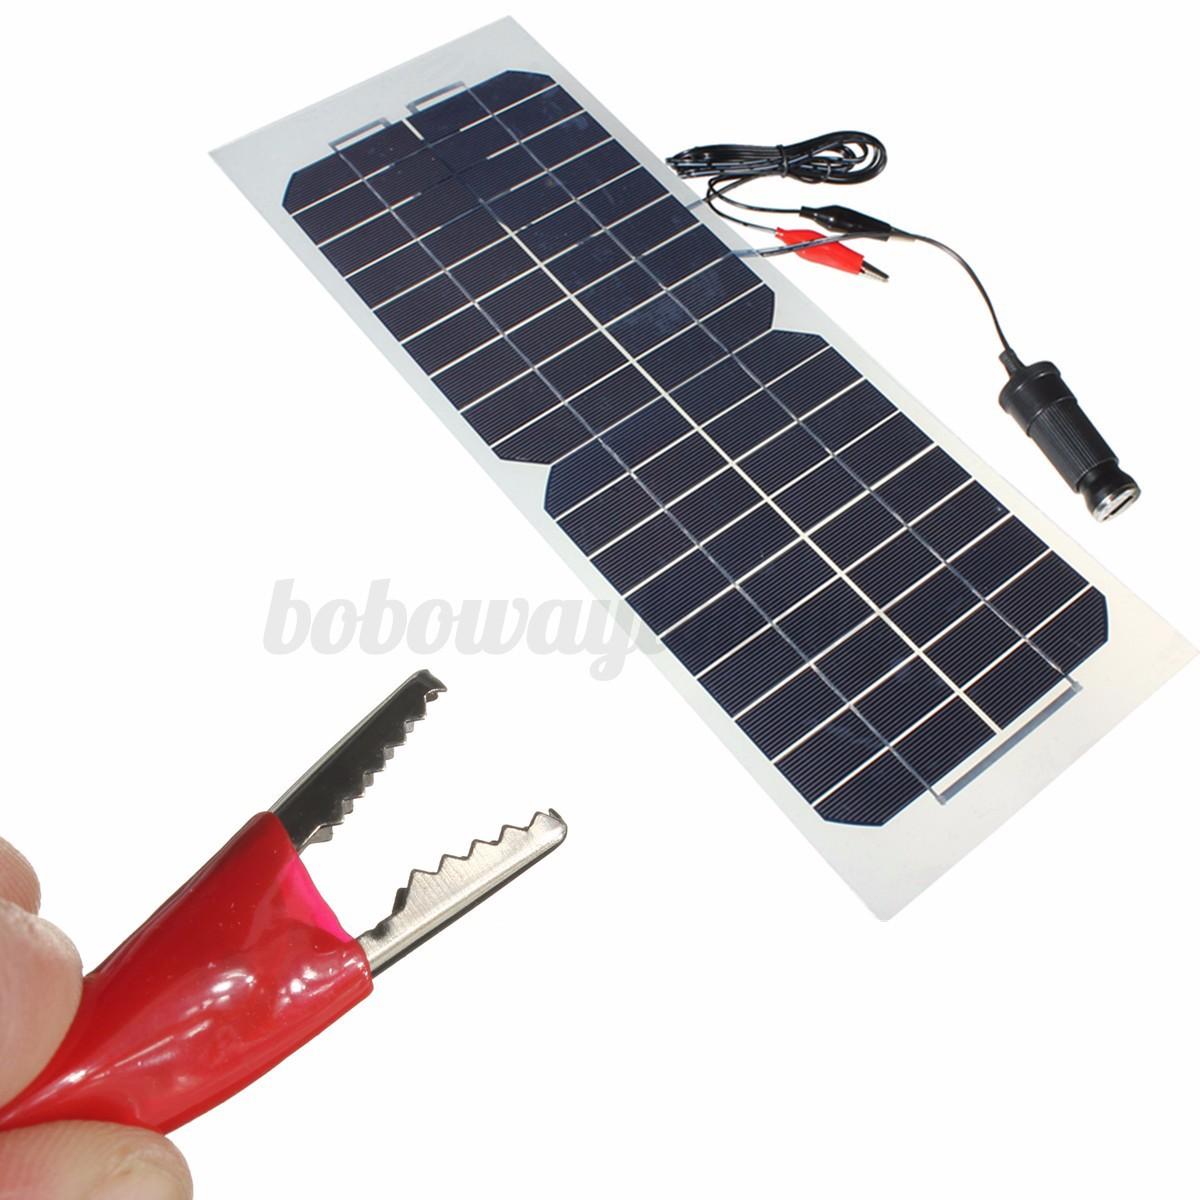 10w solarmodule semi flexible solarpanel monokristalline. Black Bedroom Furniture Sets. Home Design Ideas